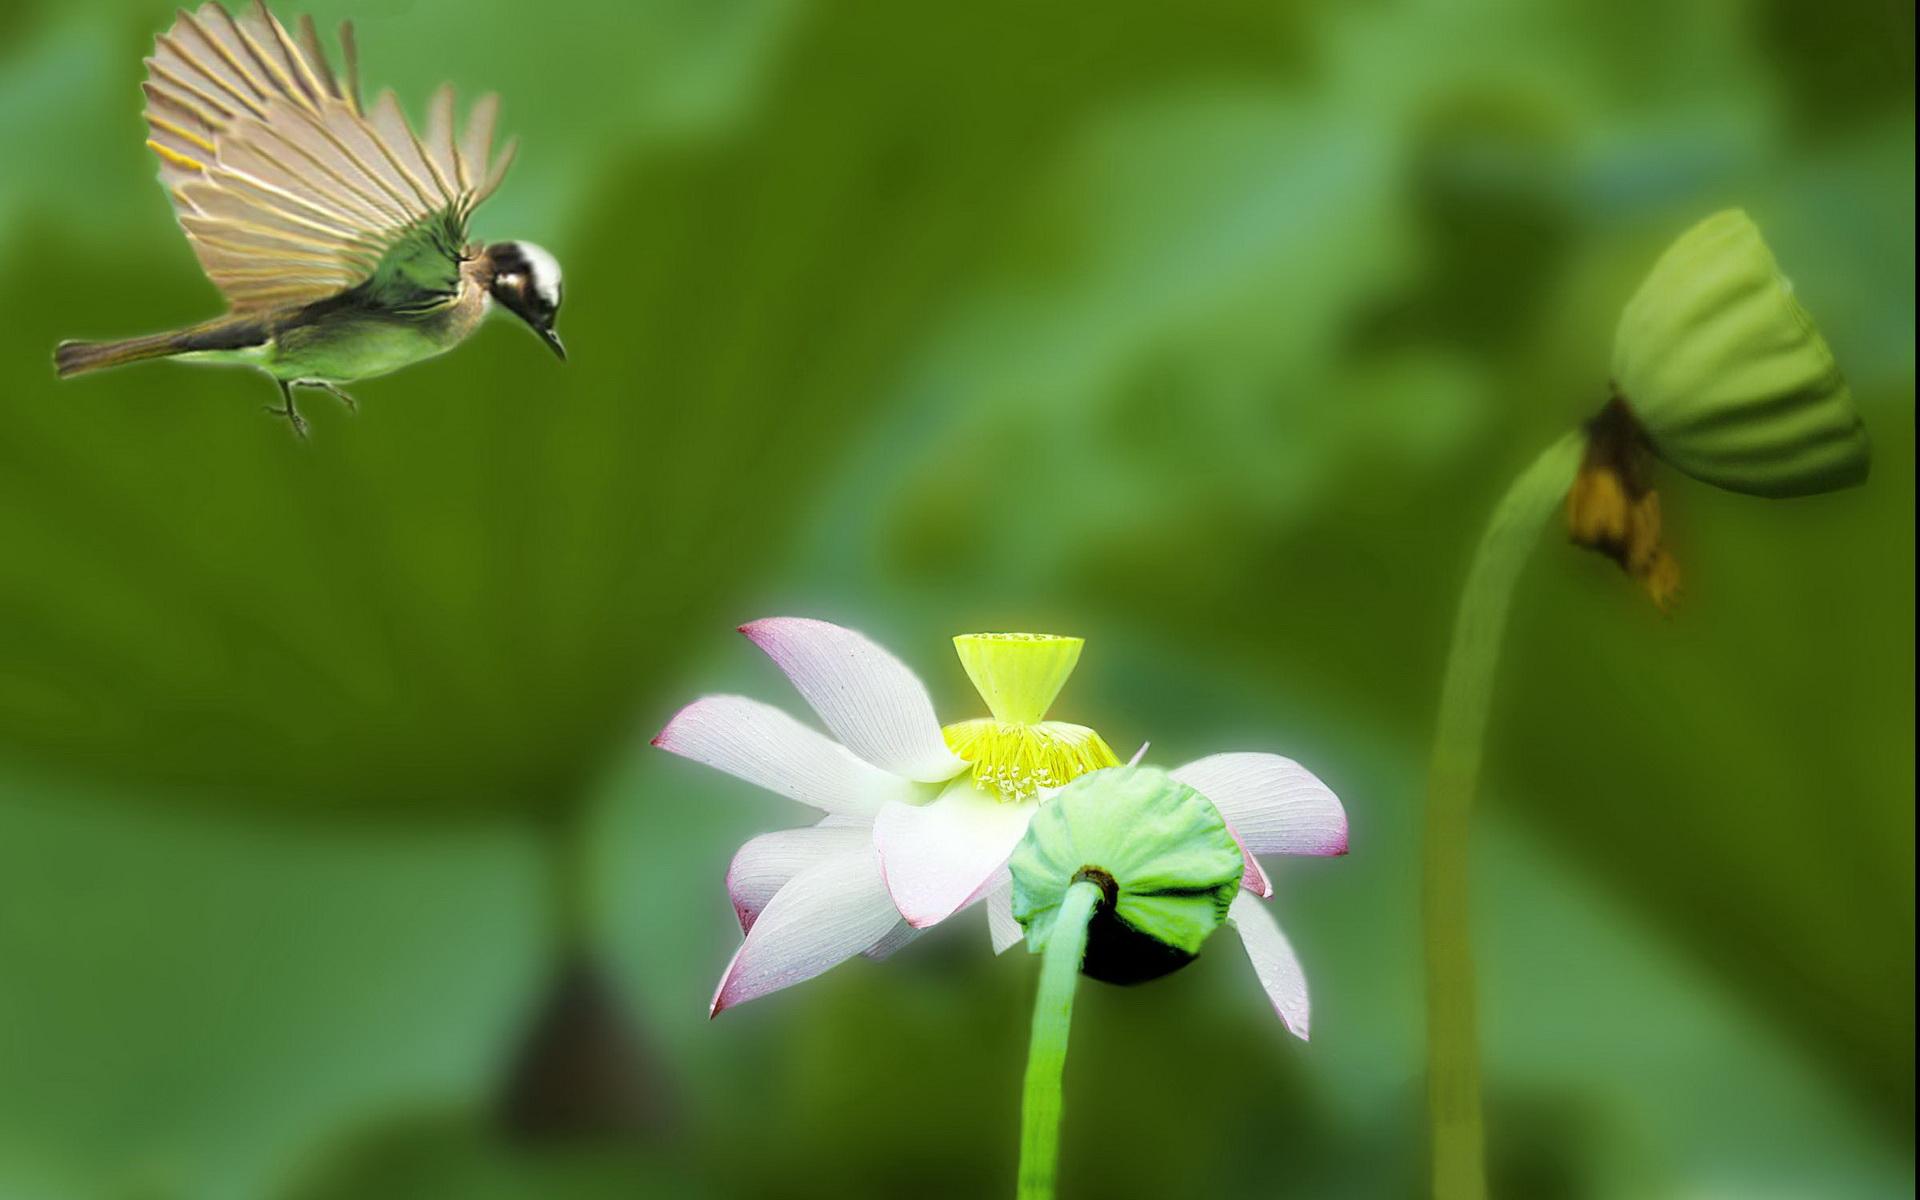 簡報壁紙梅花風景花卉展示